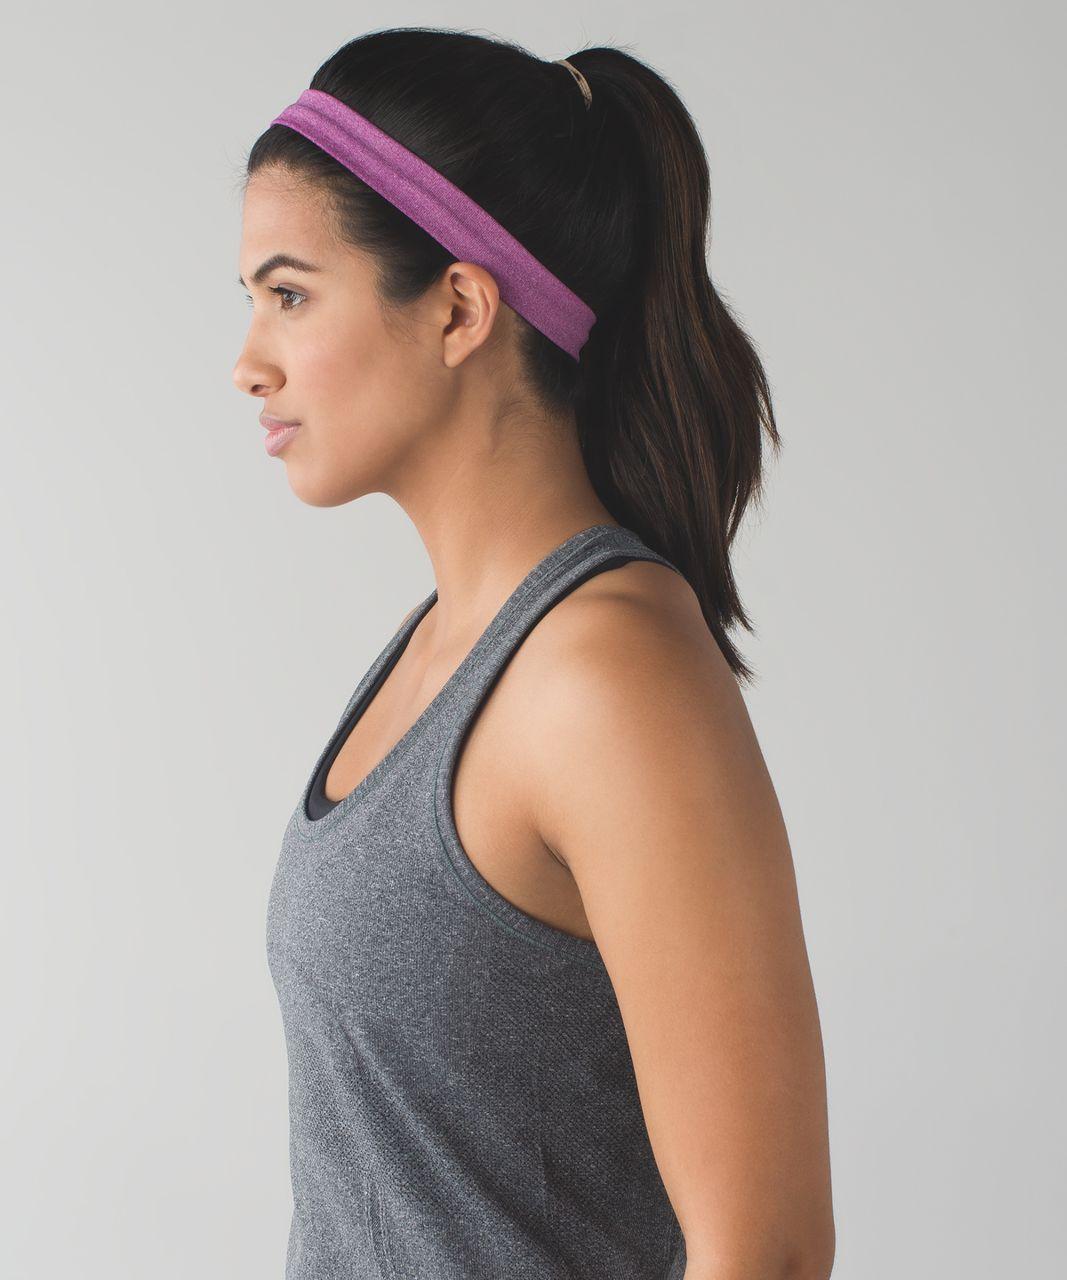 Lululemon Cardio Cross Trainer Headband - Heathered Regal Plum